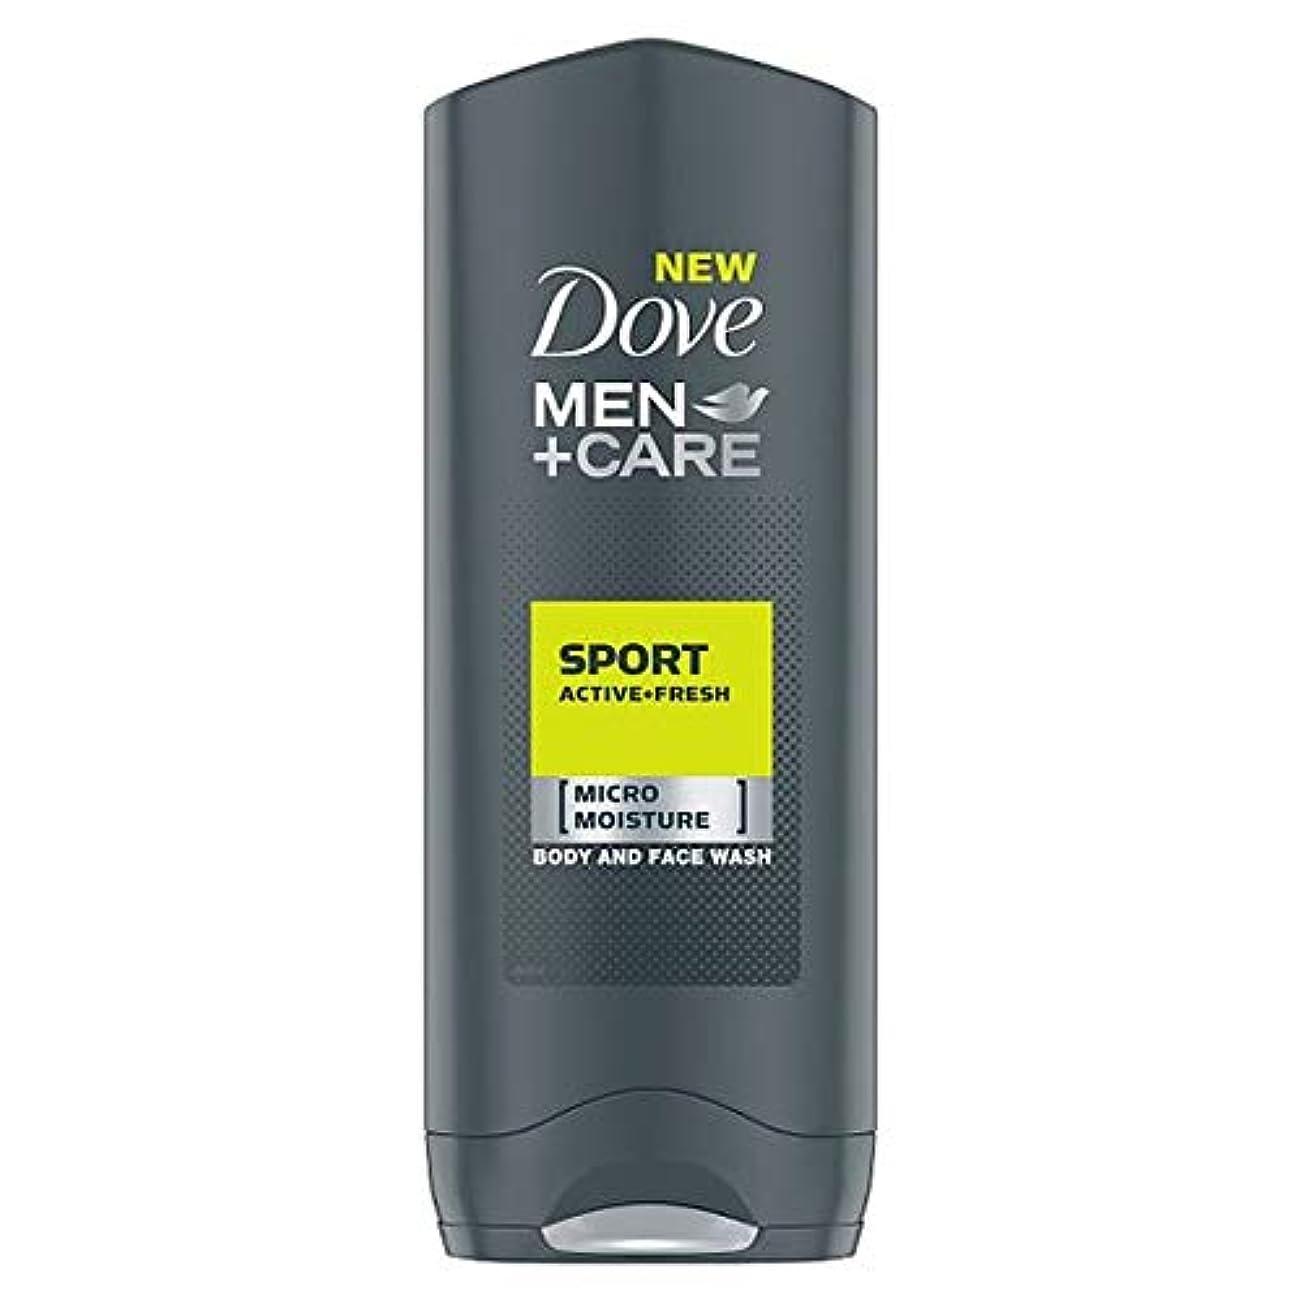 しおれたブリード広々とした[Dove] 鳩の男性+ケアスポーツアクティブフレッシュボディウォッシュ250ミリリットル - Dove Men+Care Sport Active Fresh Body Wash 250Ml [並行輸入品]